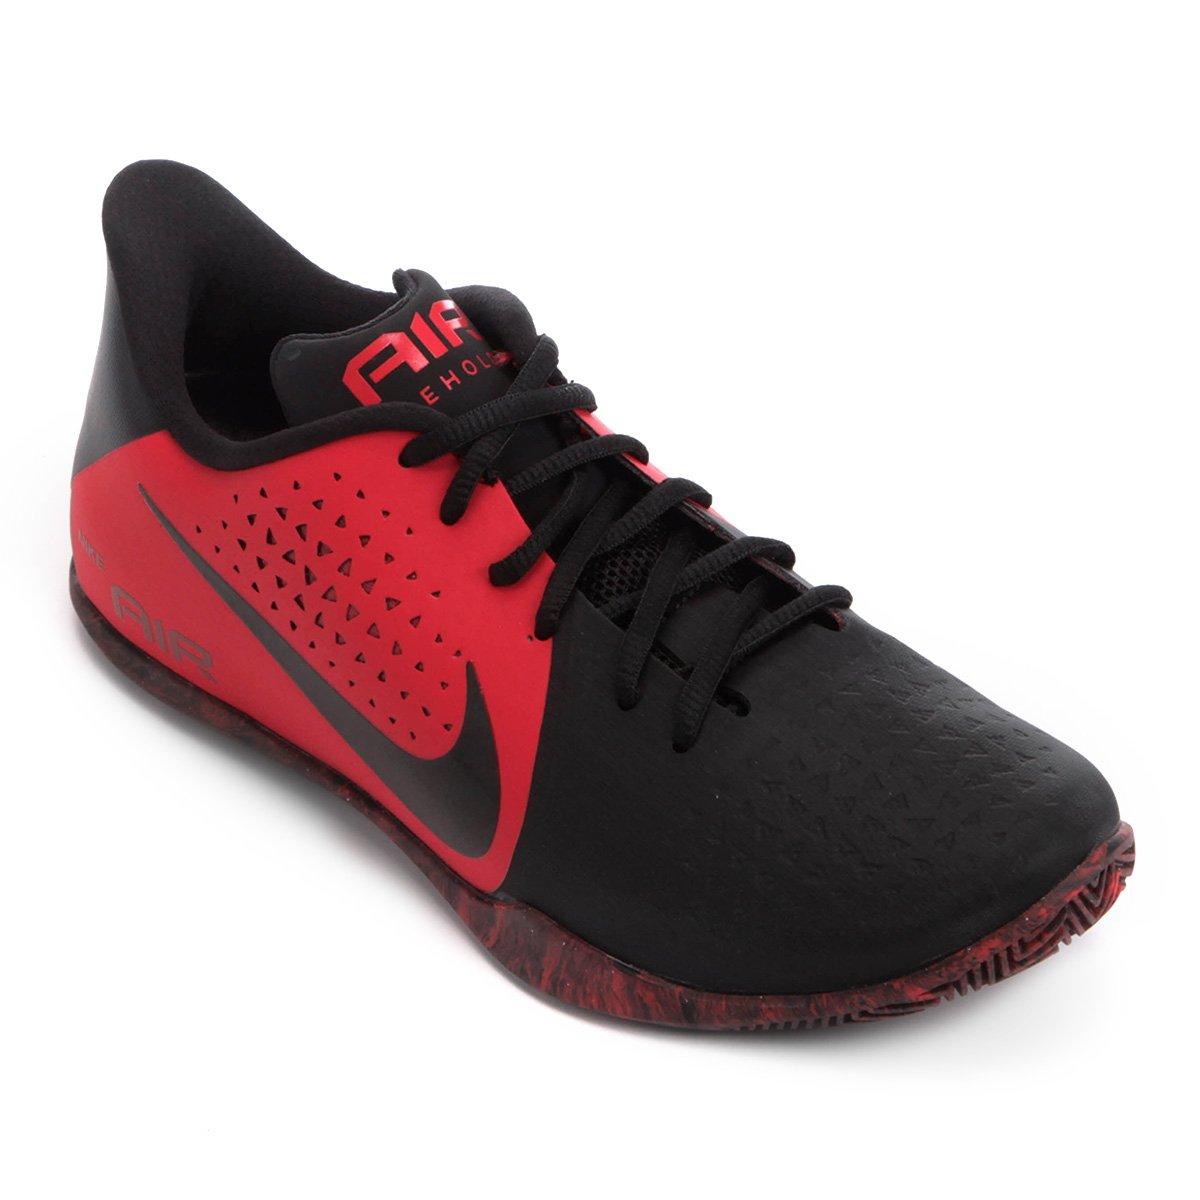 72c3748381 Tênis Nike Air Behold Low Masculino - Preto e Vermelho - Compre Agora